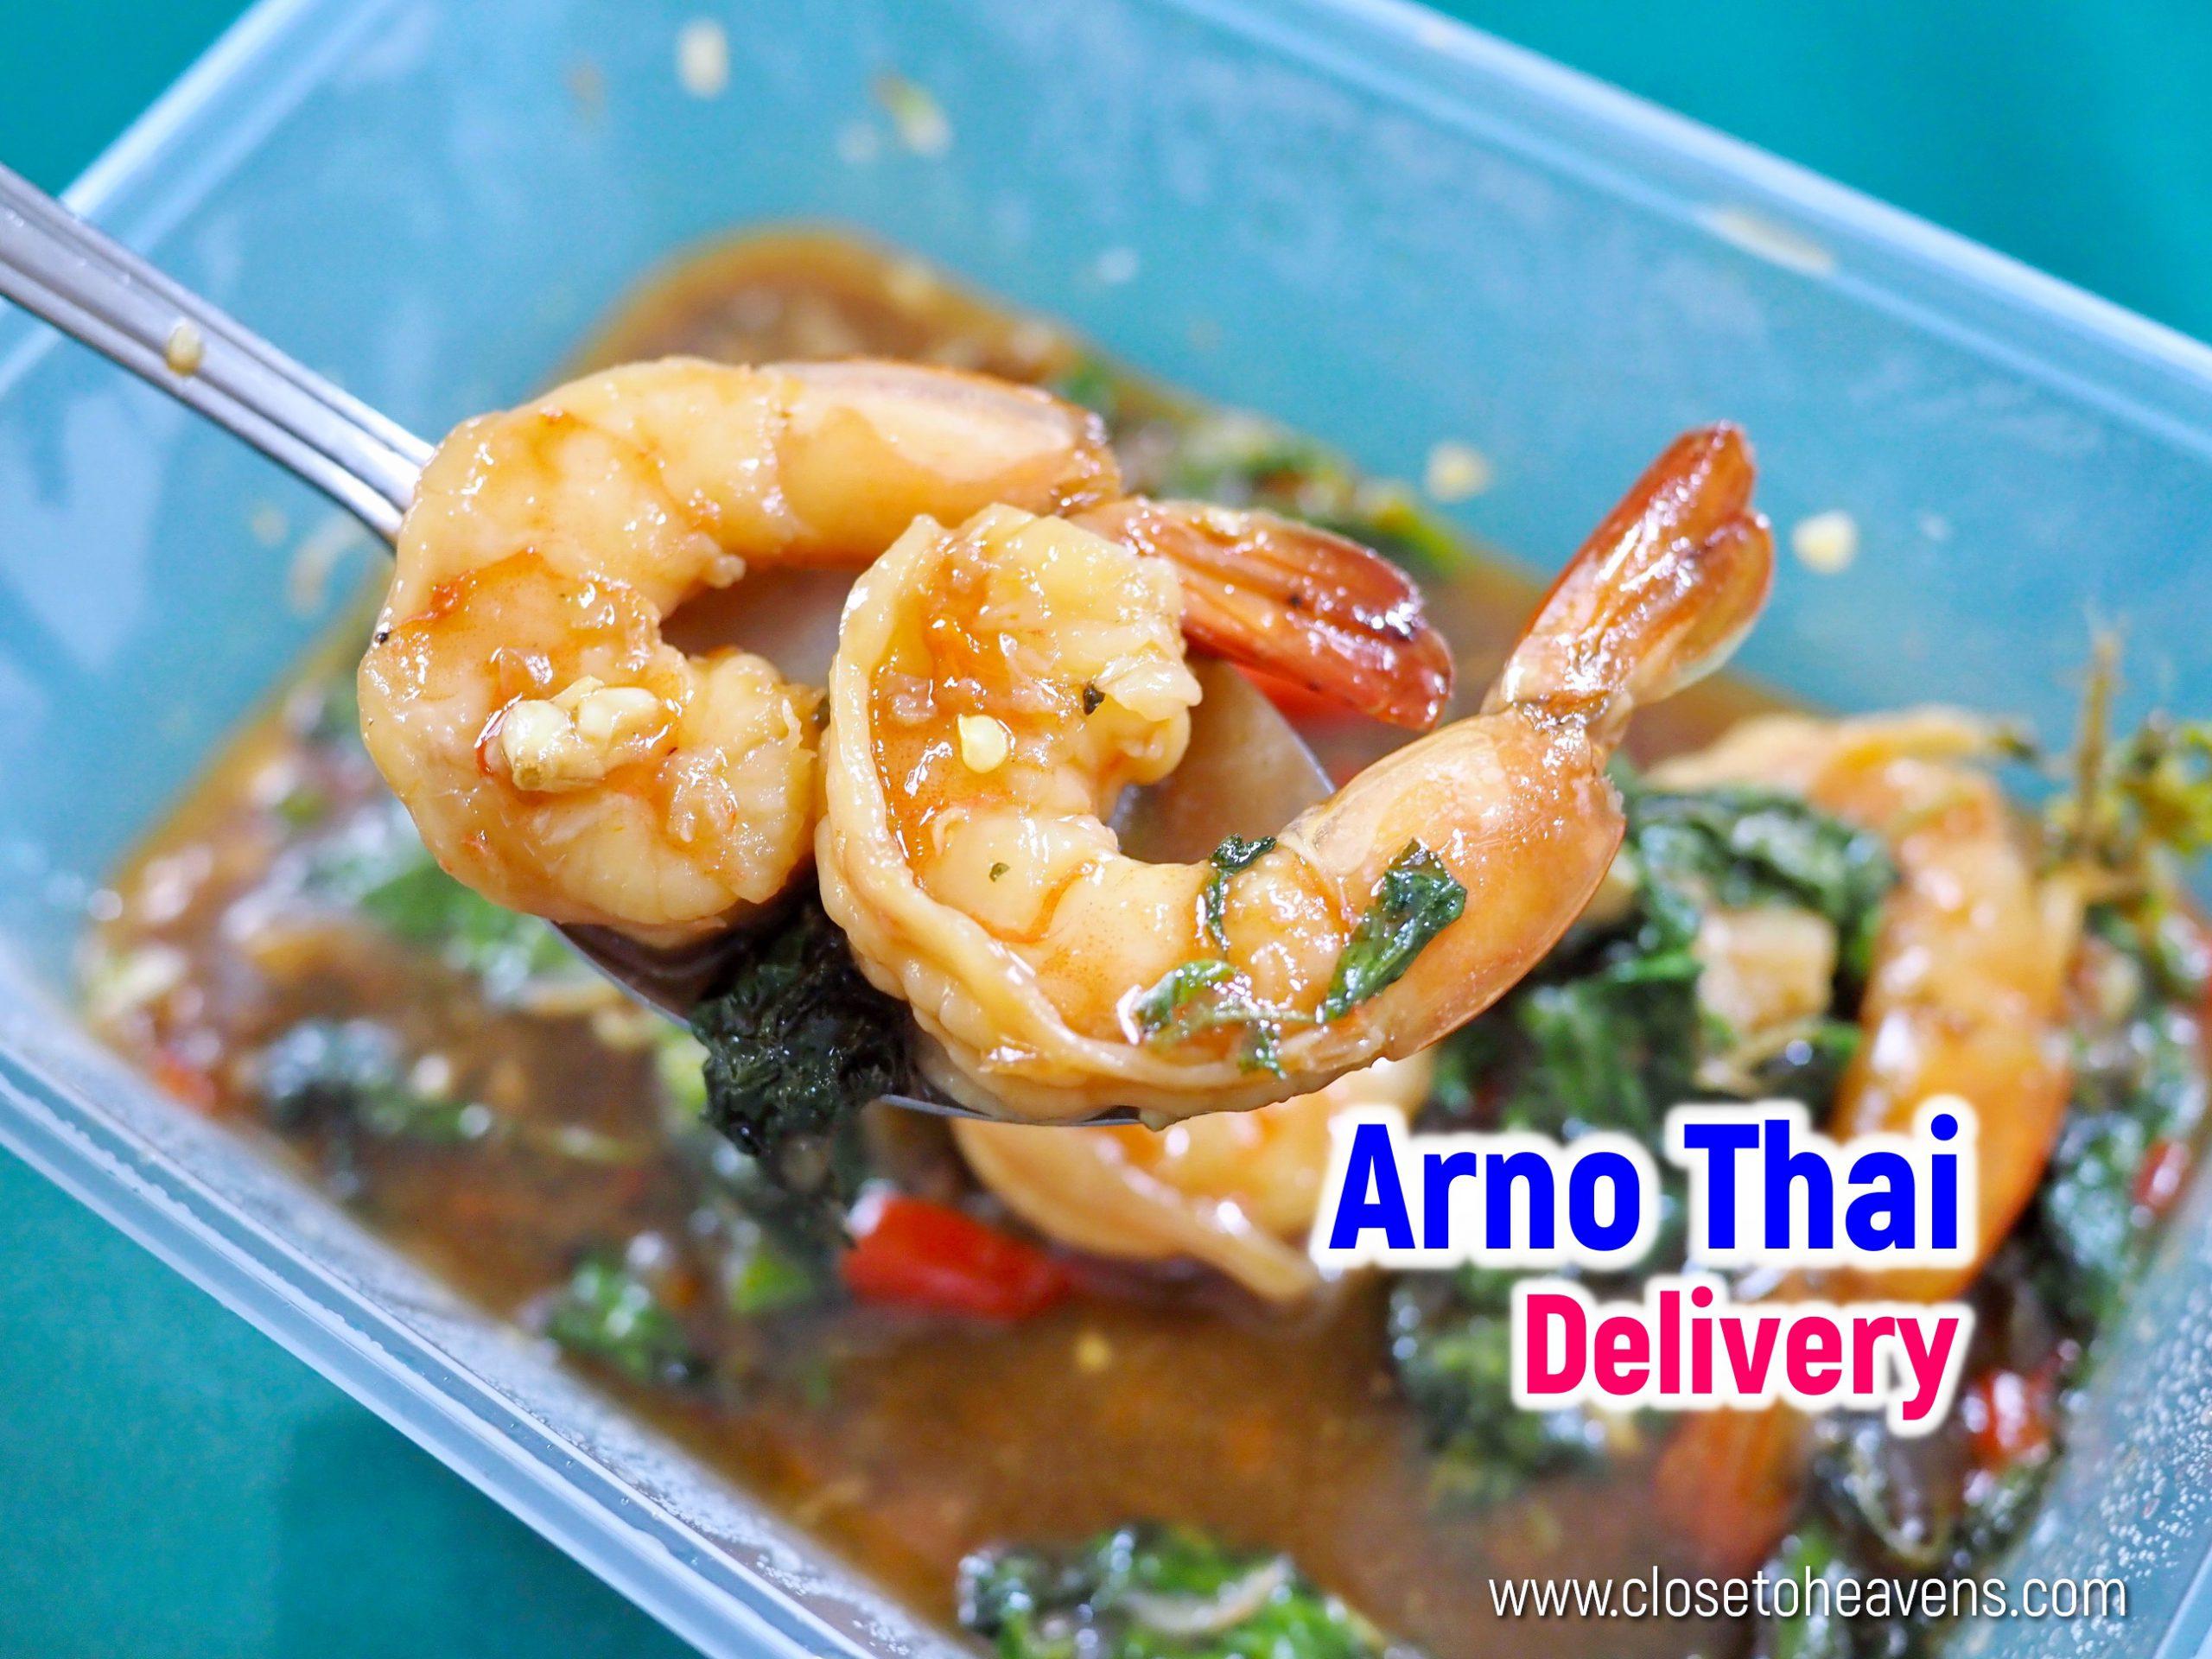 Arno Thai อโณไทย ส่งอาหารถึงบ้าน